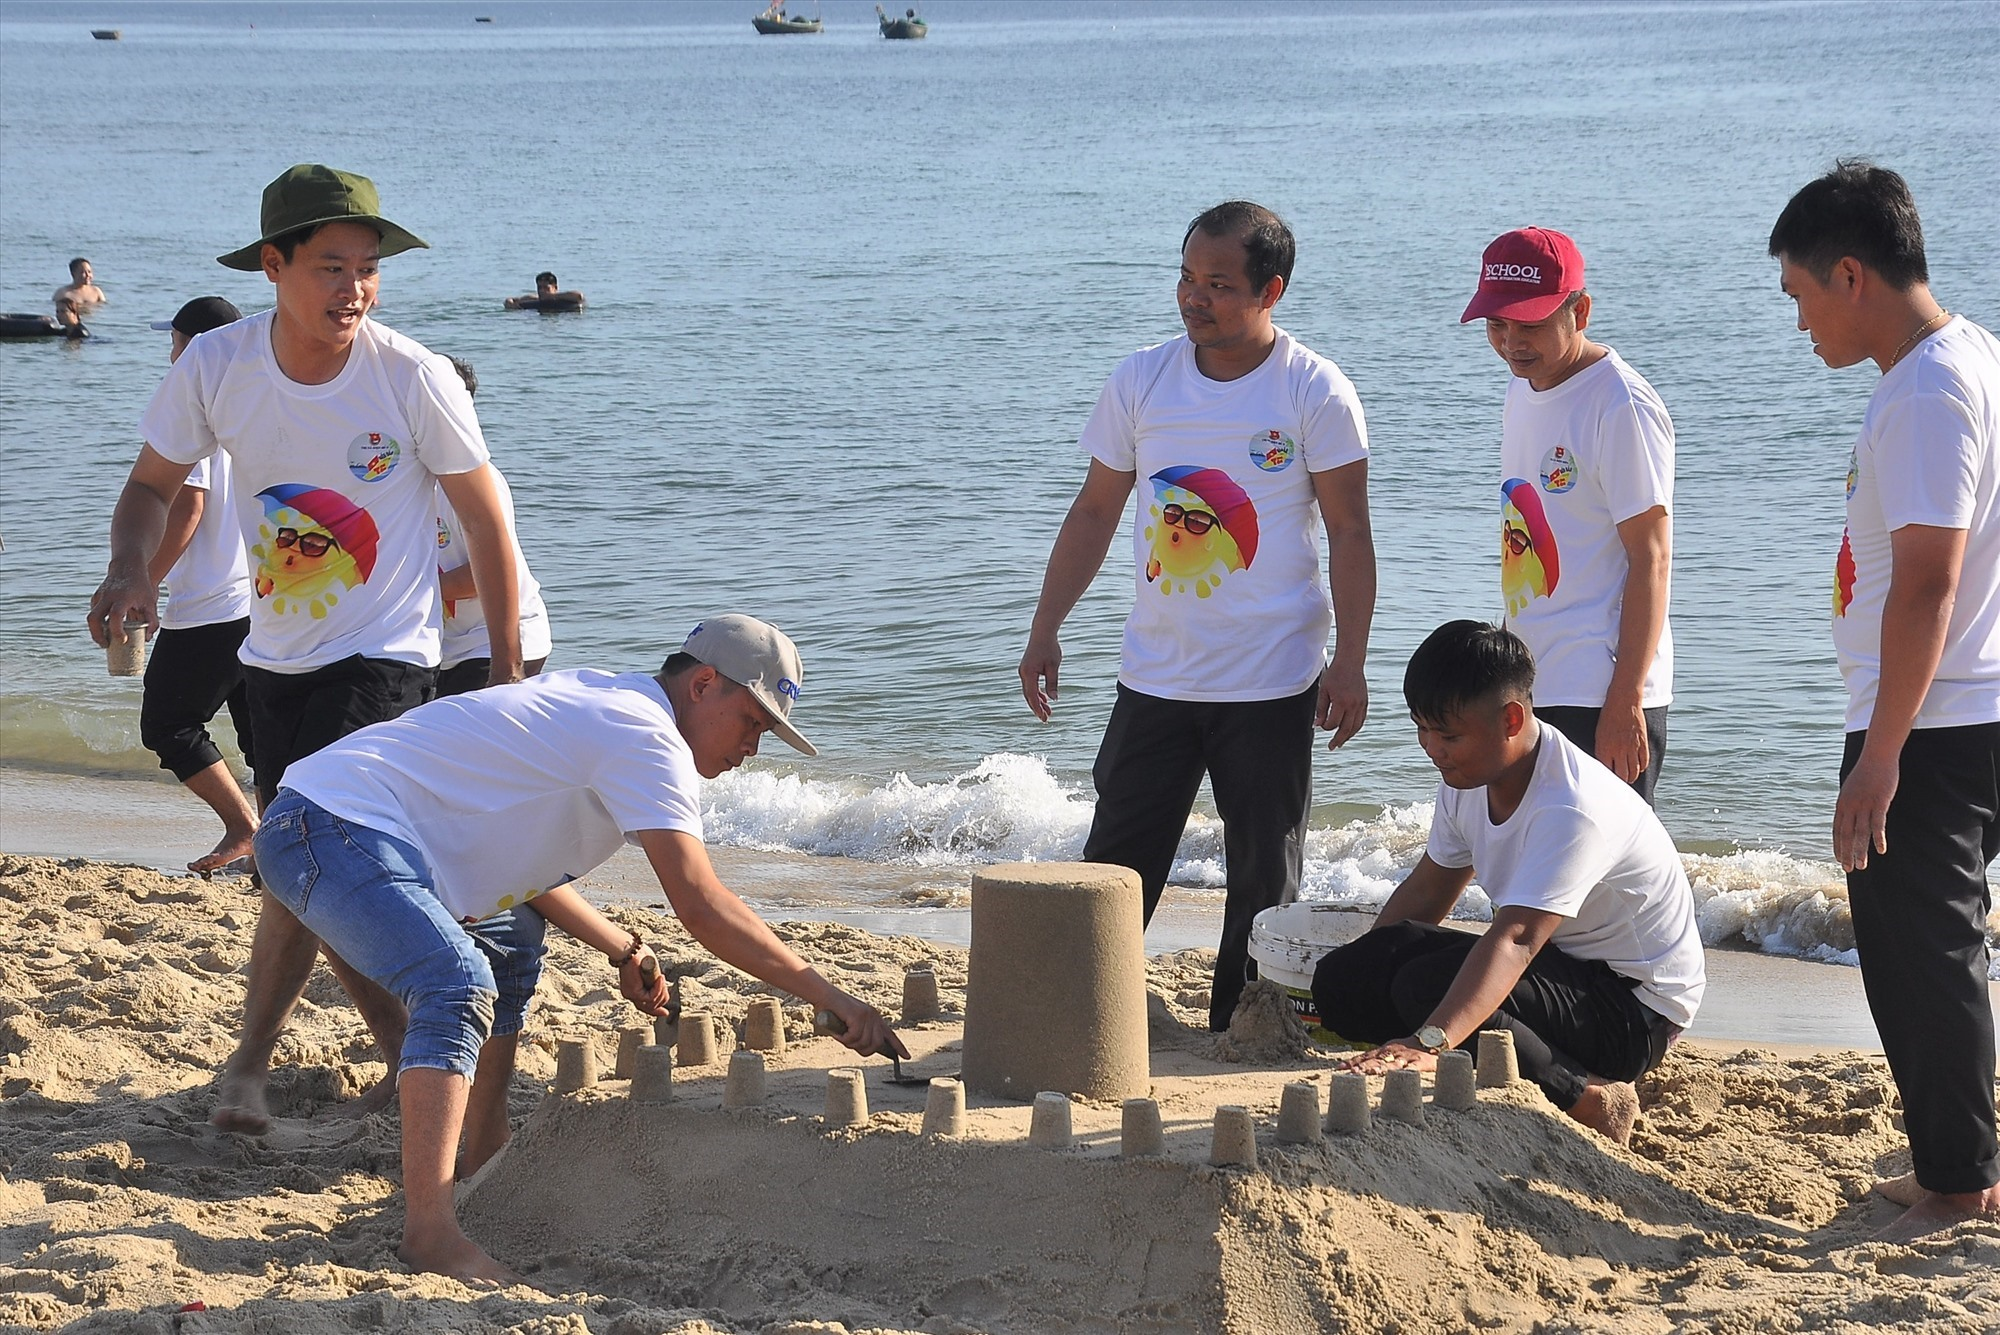 Các cụm cơ sở đoàn tham gia phần thi xây thành trì trên cát về chủ đề biển đảo. Ảnh: VINH ANH